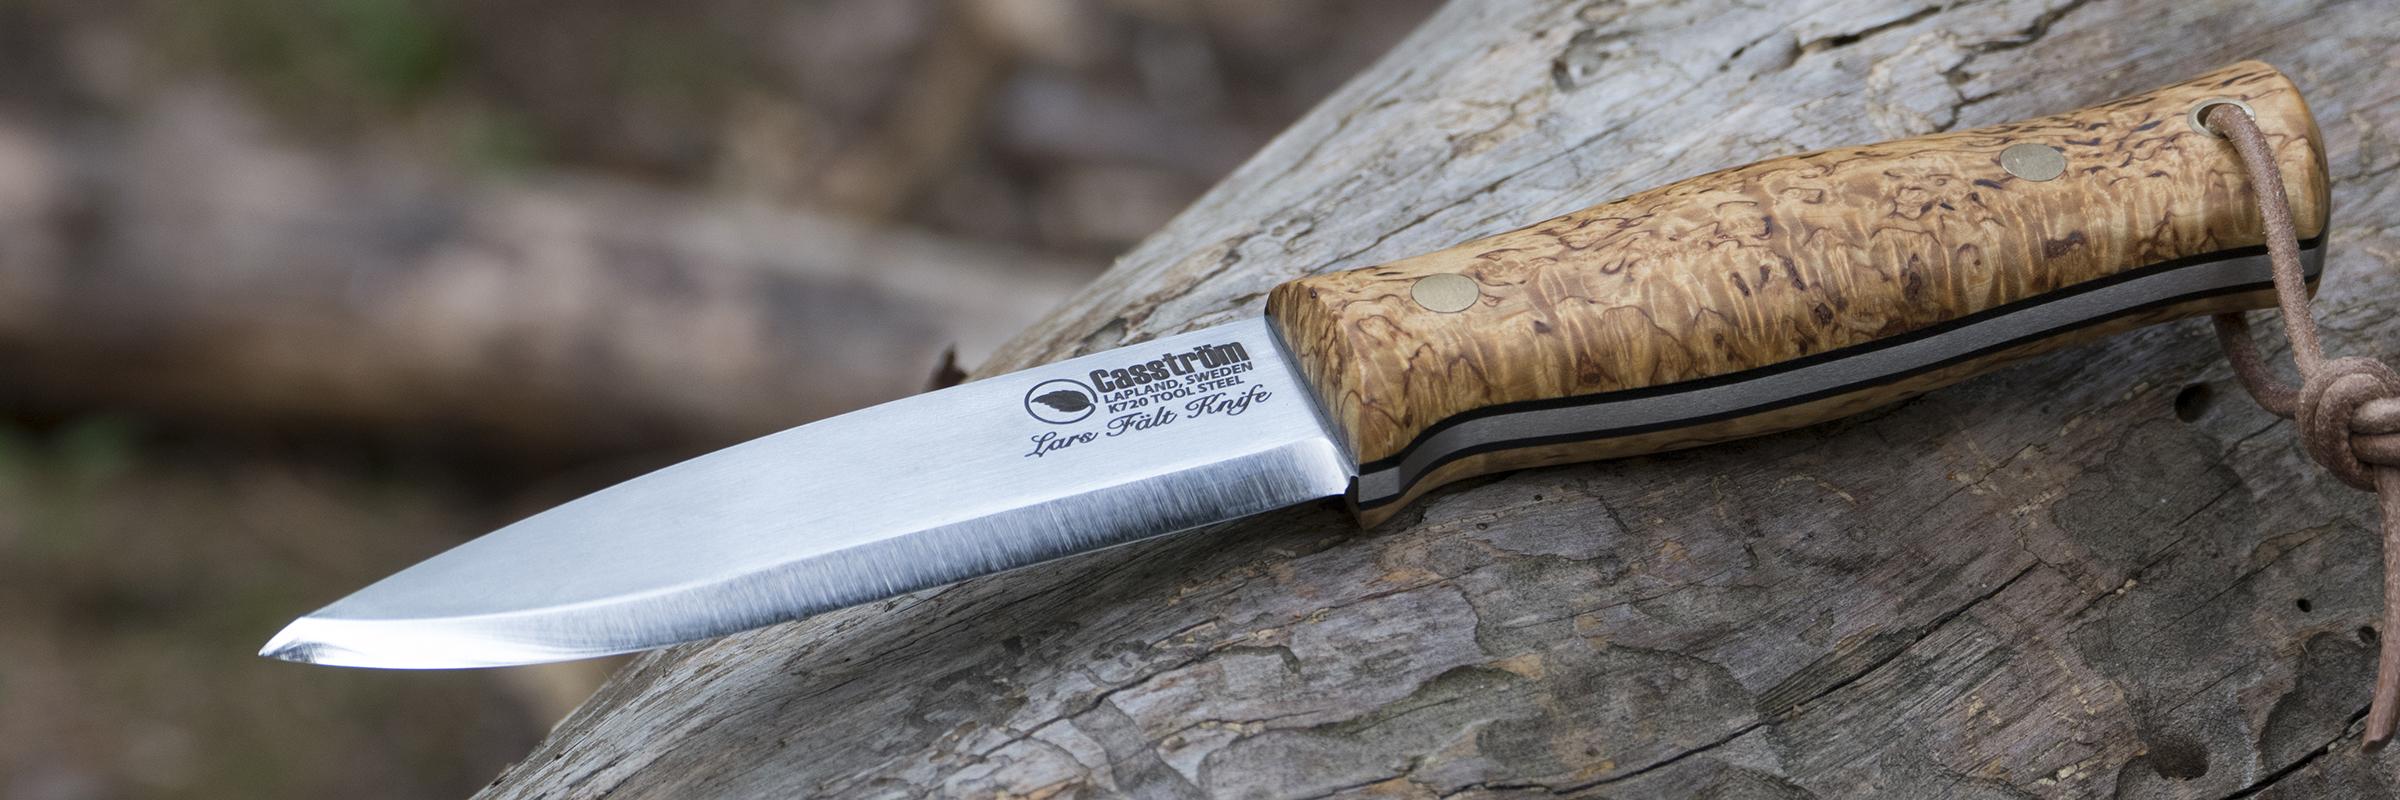 Casstrom_lars_falt_knife